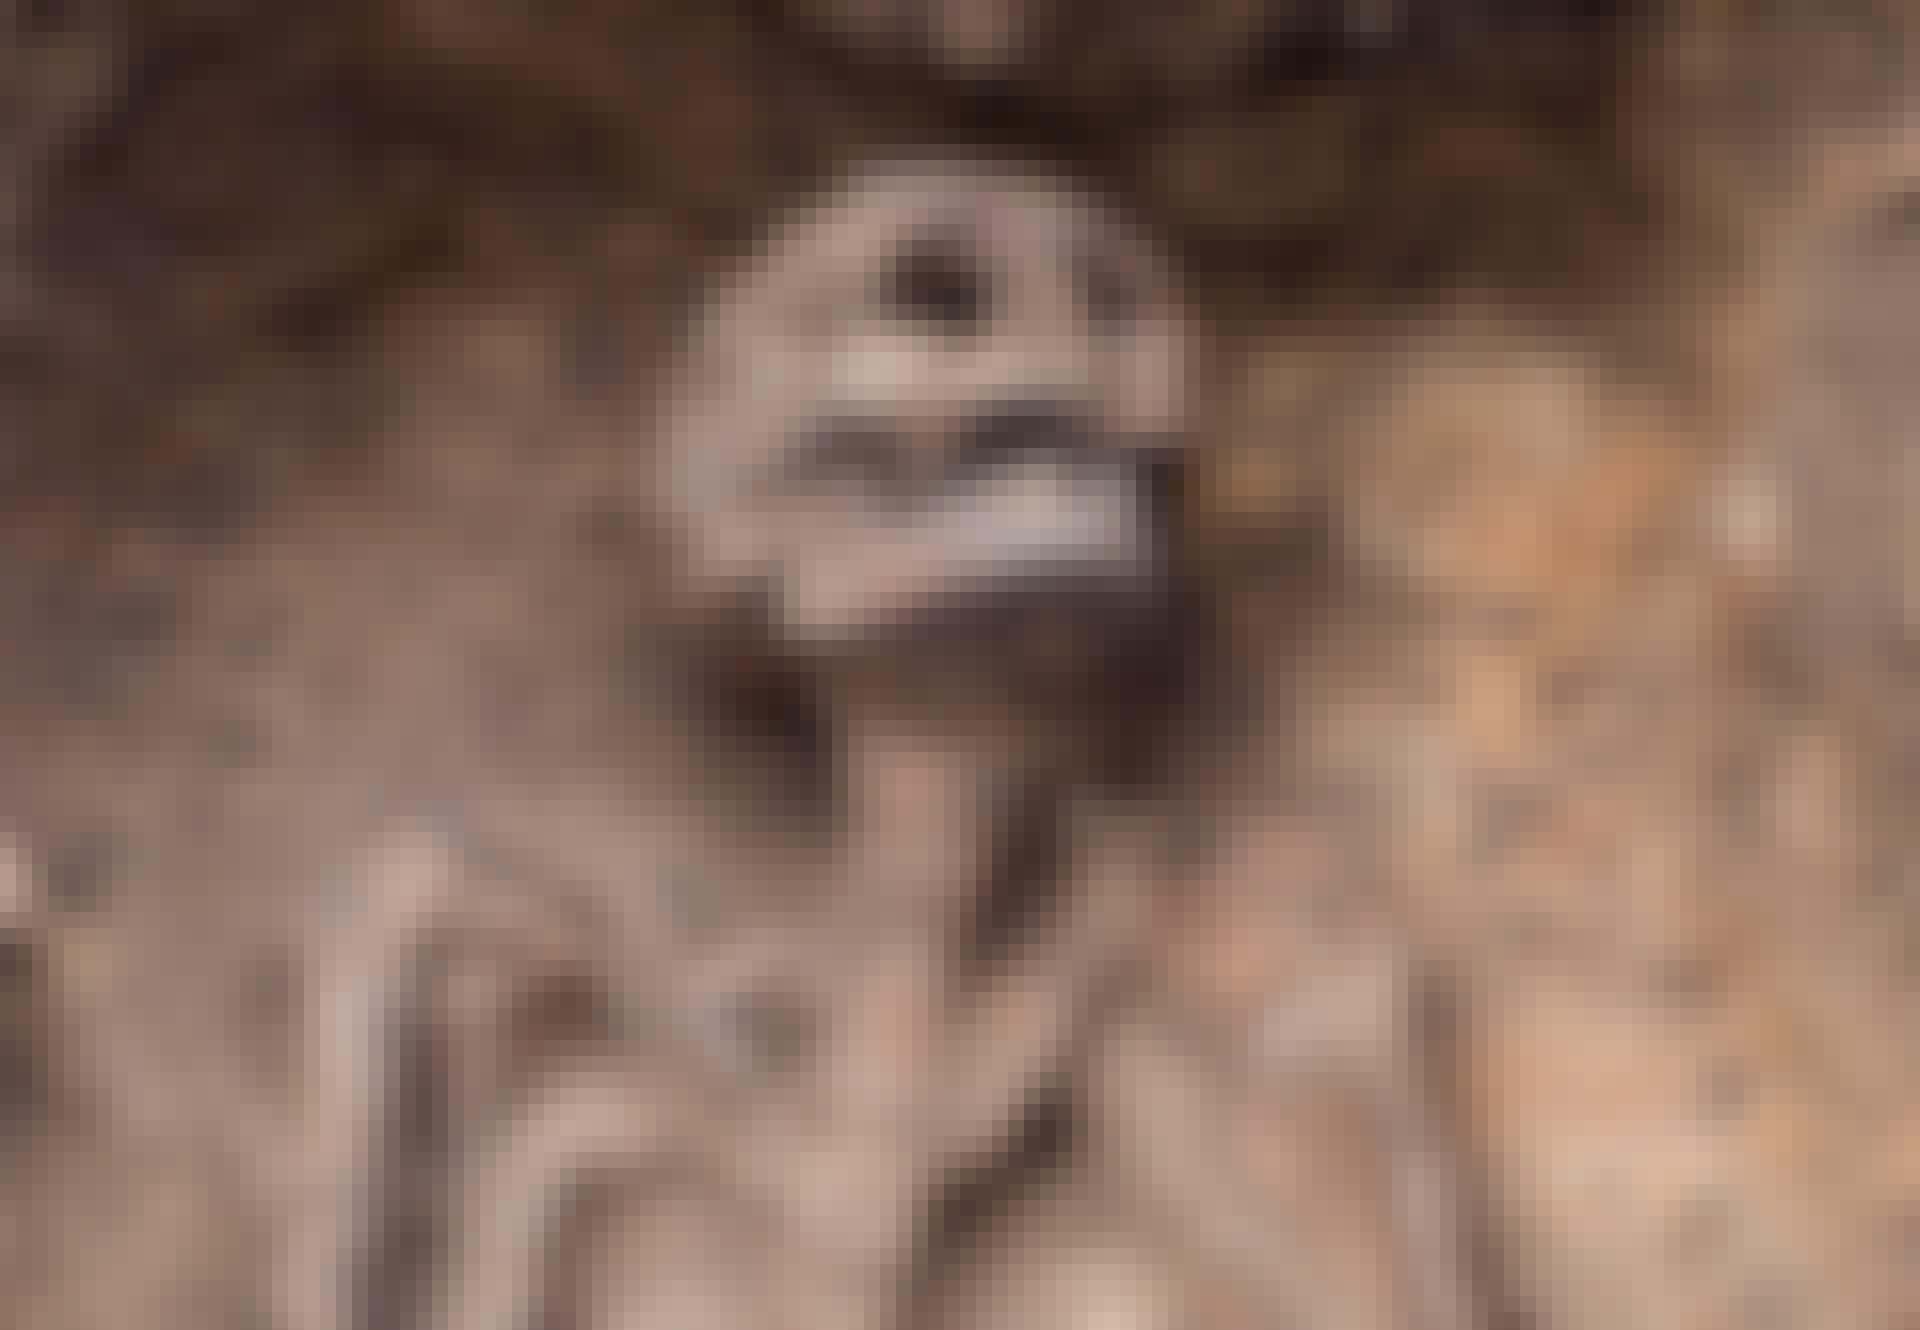 Oud skelet